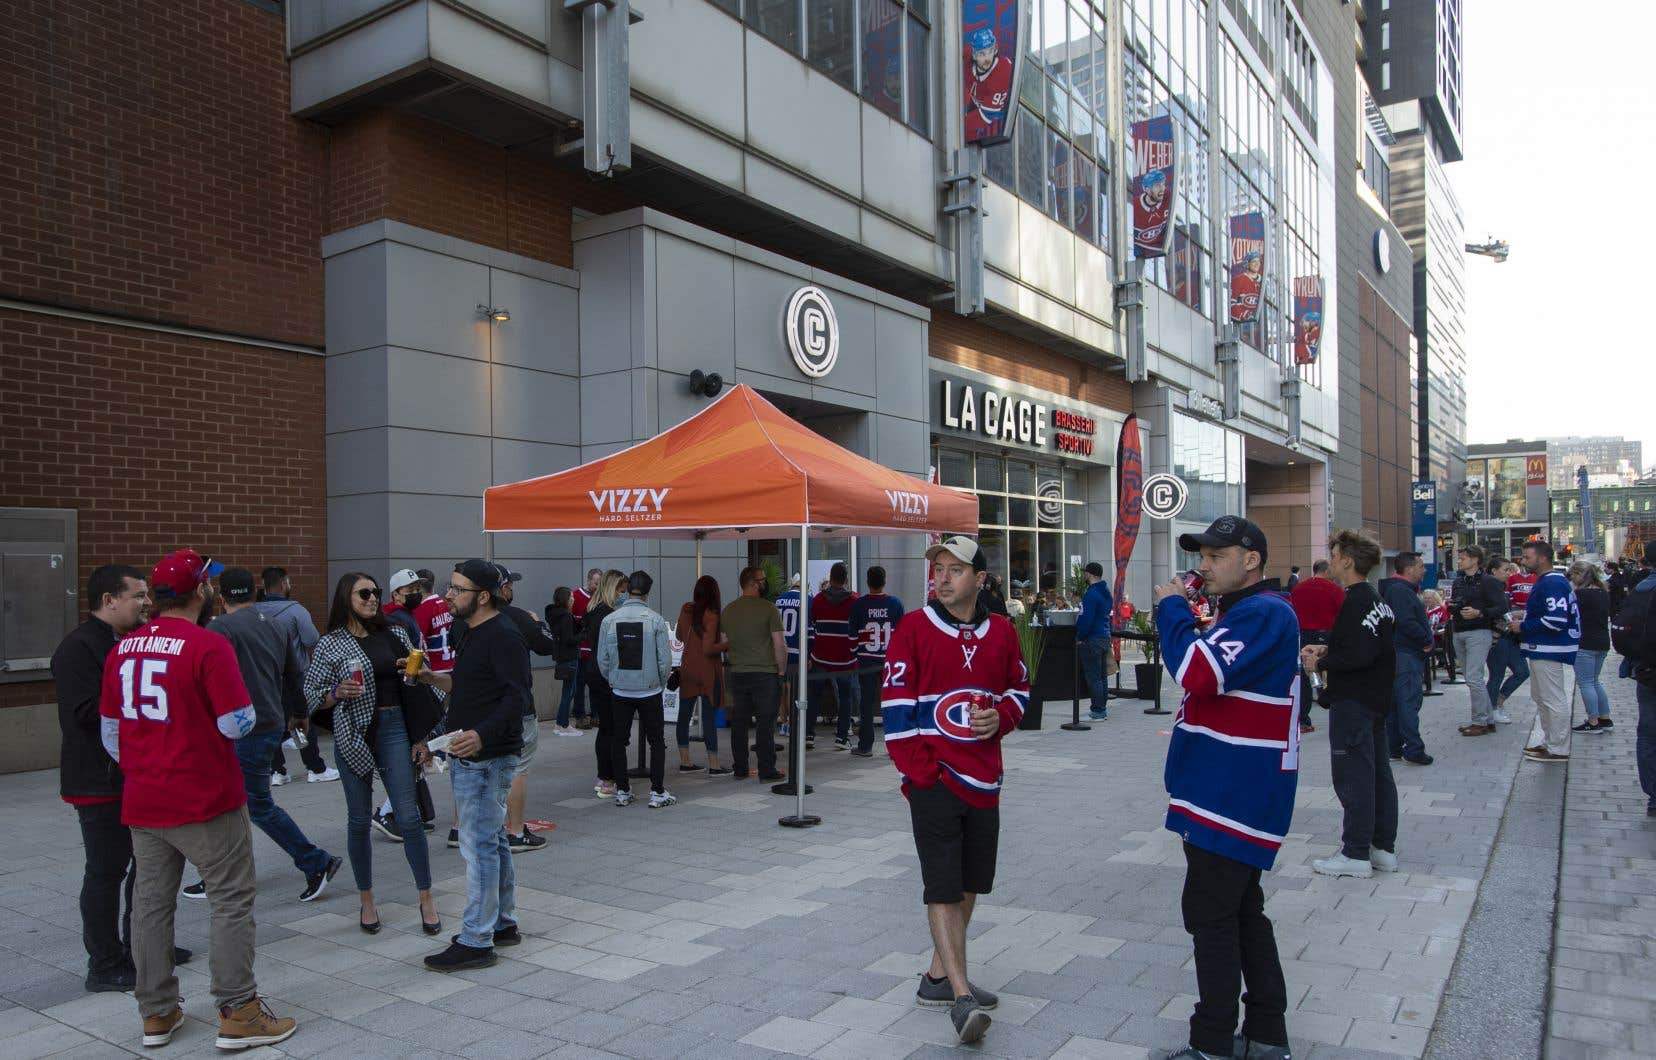 Au Centre Bell, le Canadien de Montréal a obtenu la victoire contre les Maple Leafs, forçant la tenue d'un septième match en séries éliminatoires.